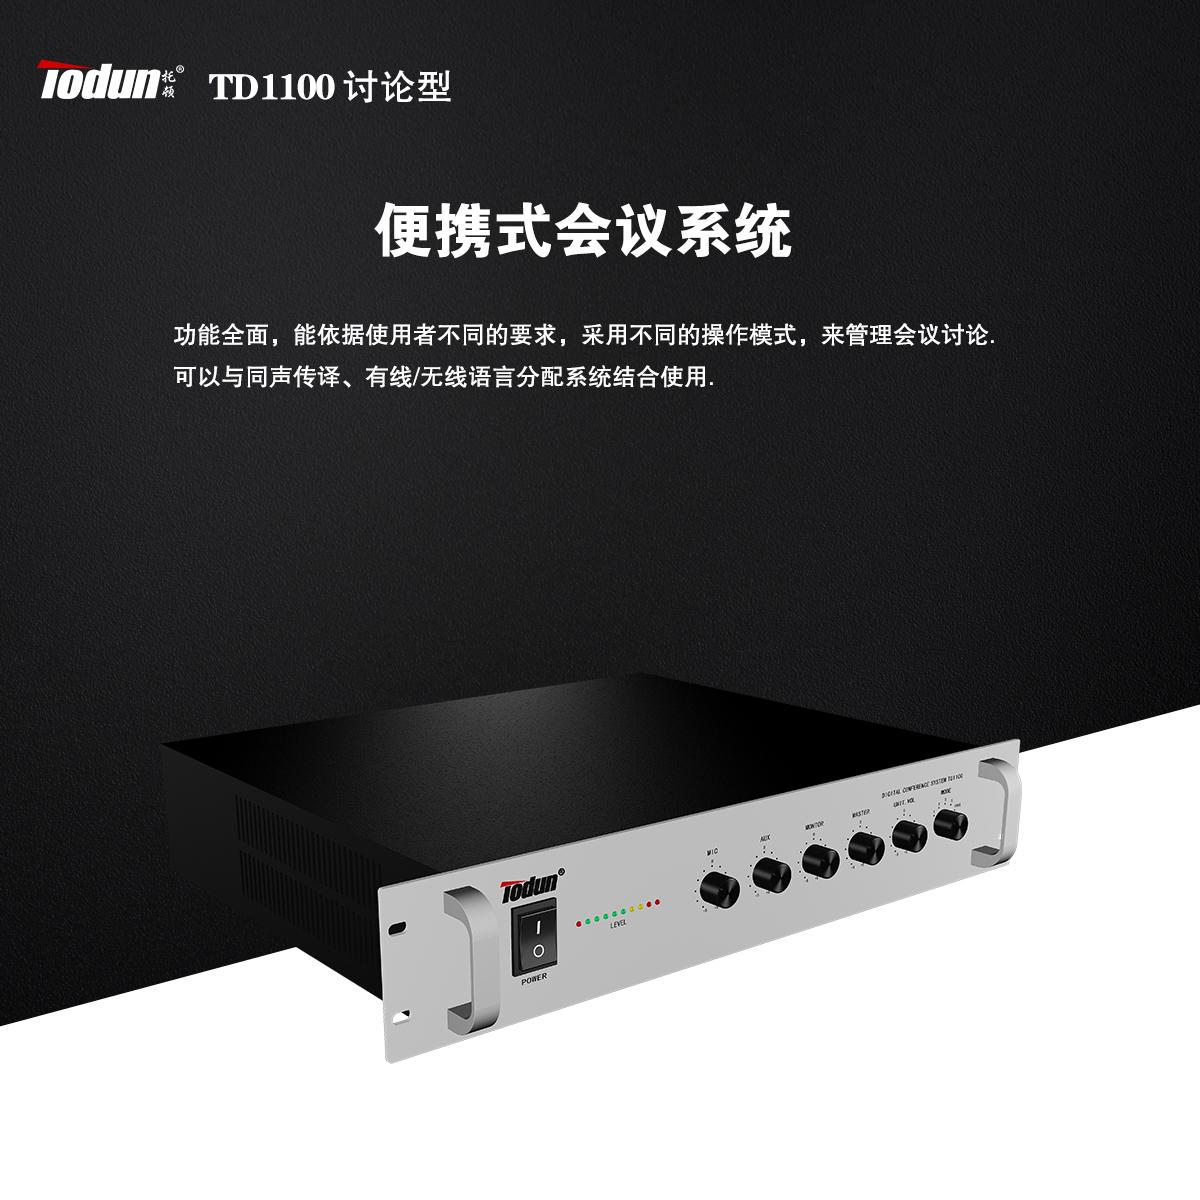 便携会议系统 托顿TD1100 视频会议系统 讨论功能 便携会议音响设备